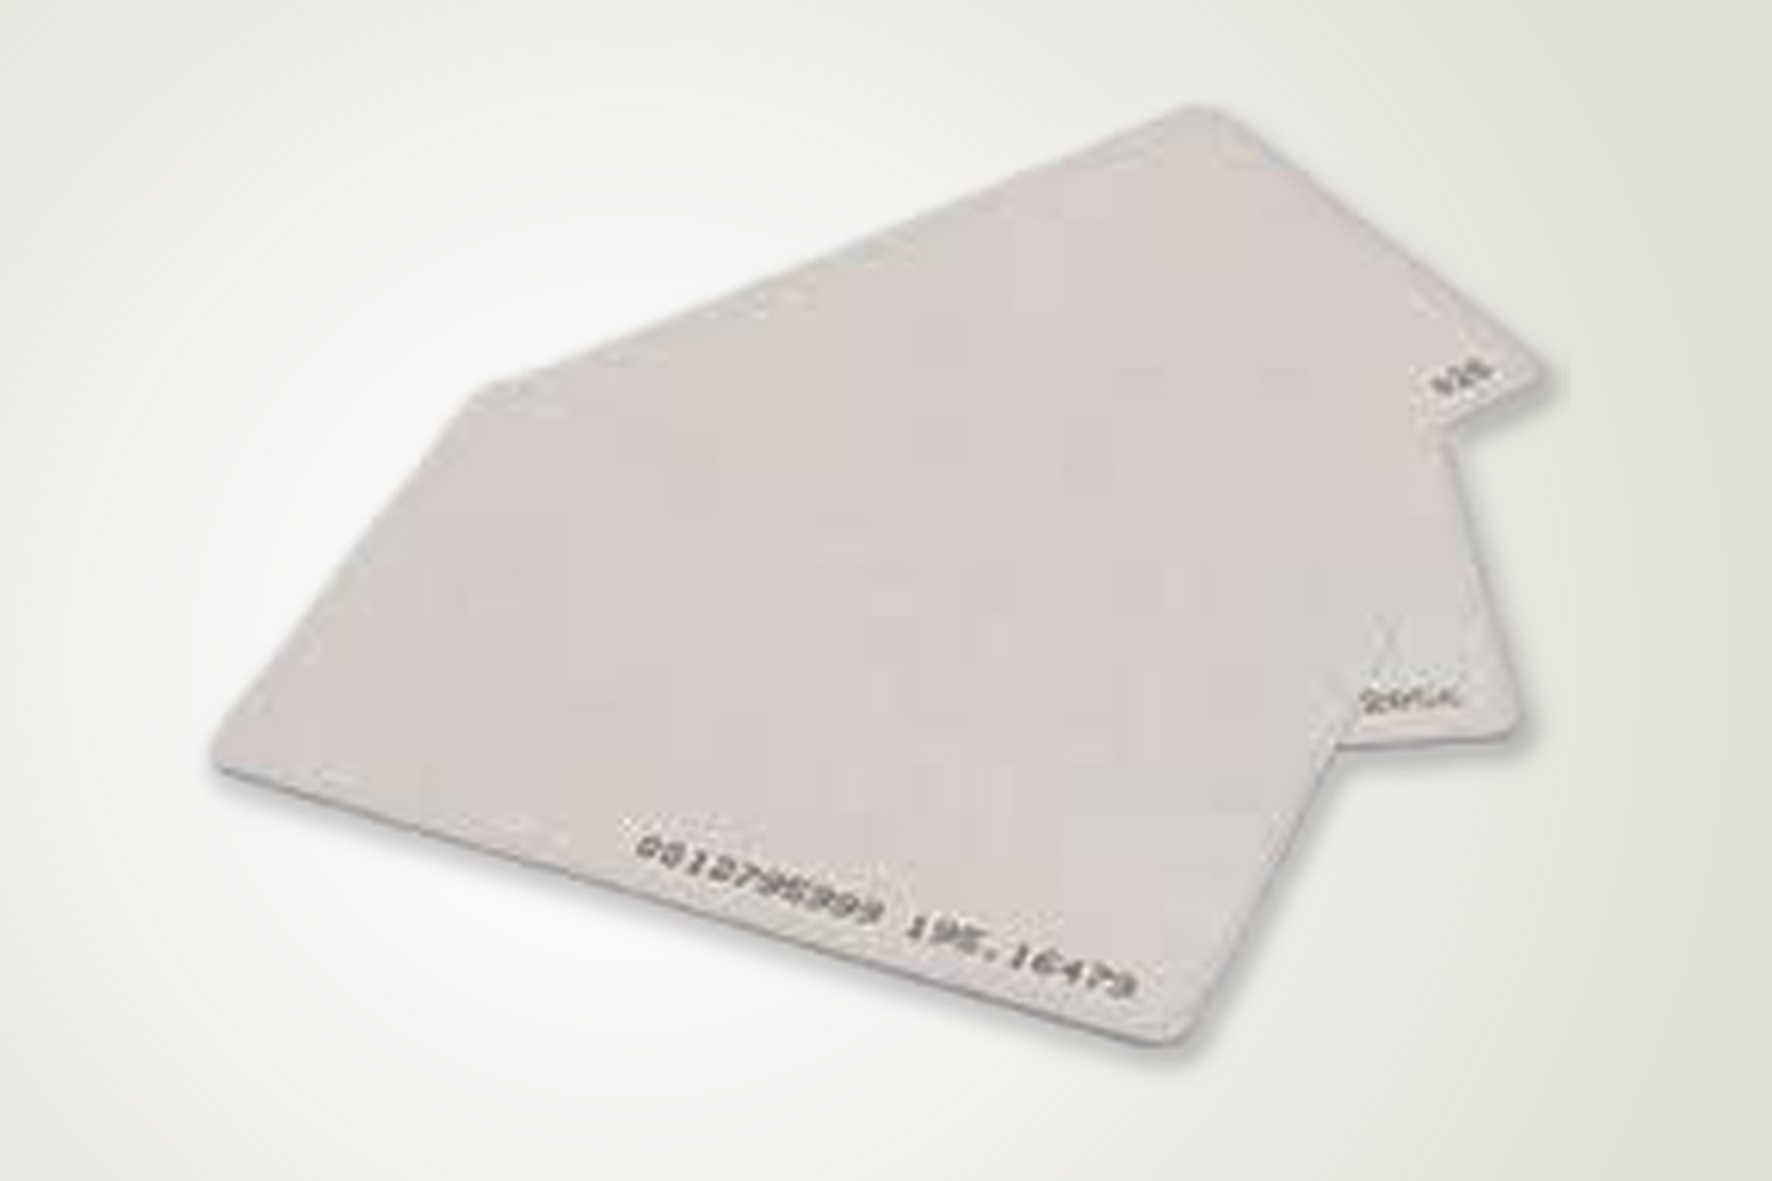 Cartões com Chip de Proximidade no Jardim Bom Clima - Carteirinha de Associado